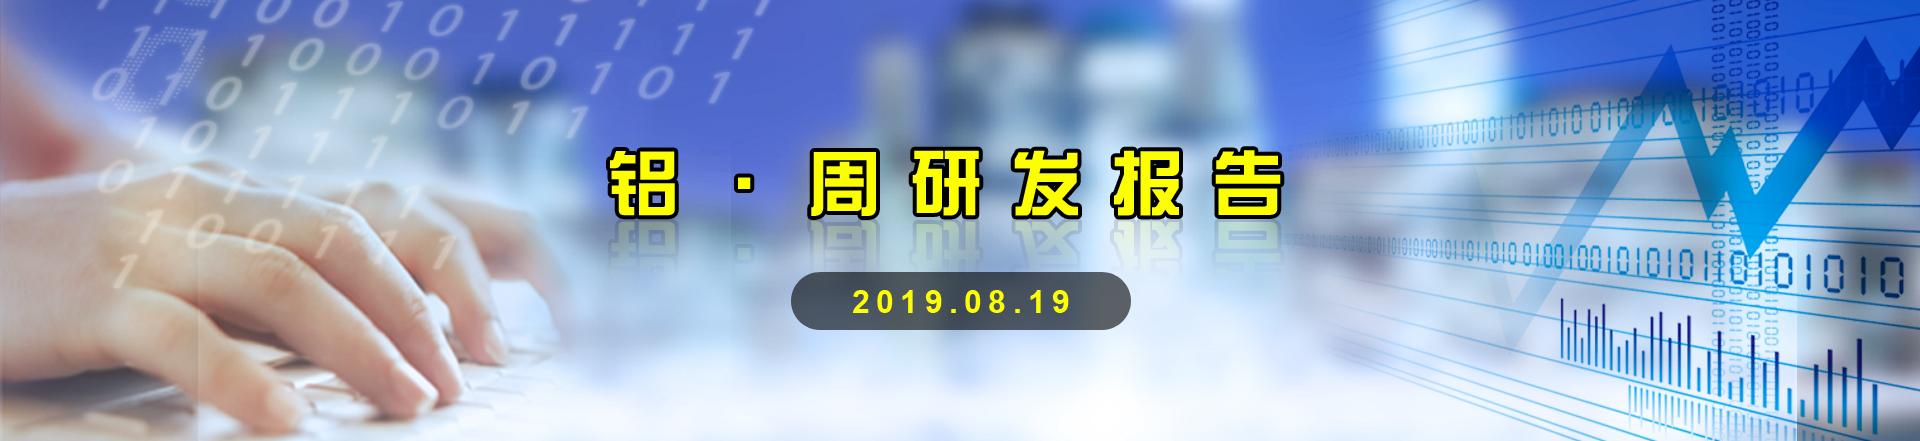 【铝】铝·周研发报告集锦 20190819